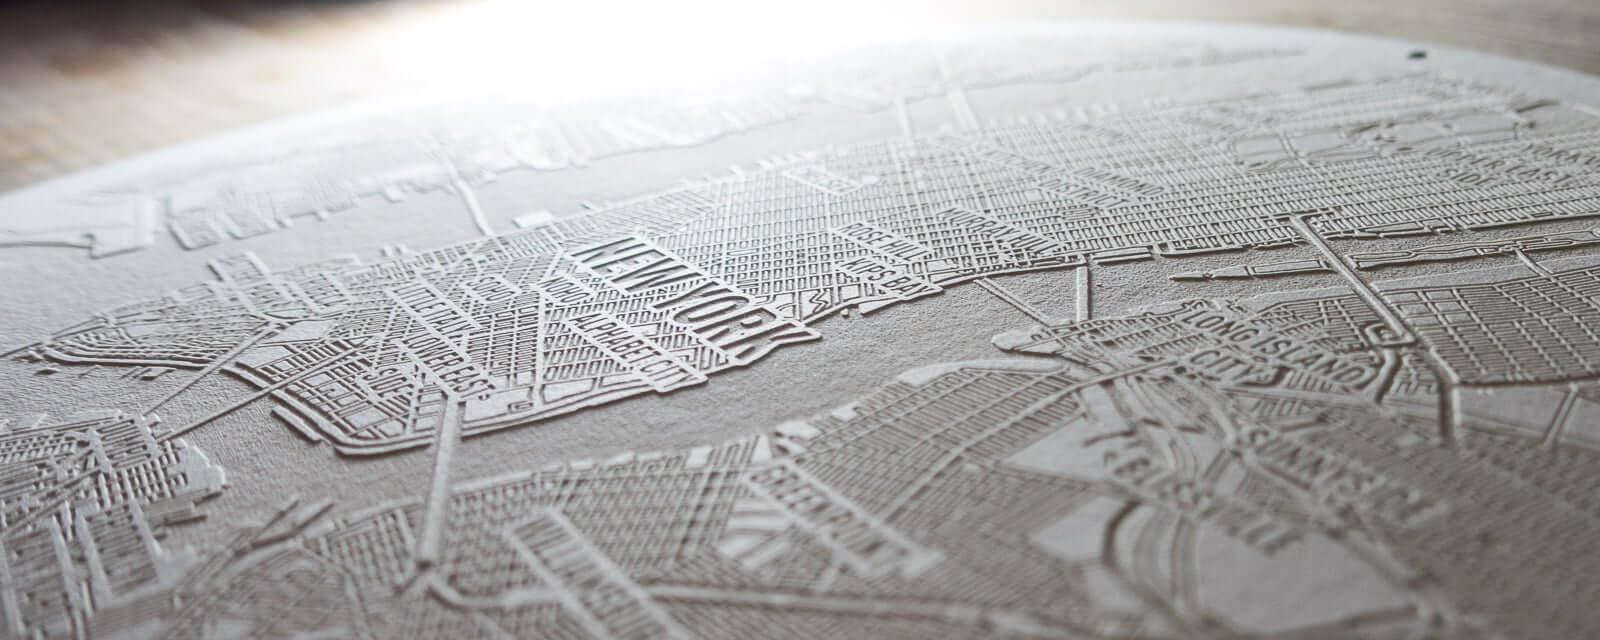 Papier Laser Gravur von Manhatten, New York City.